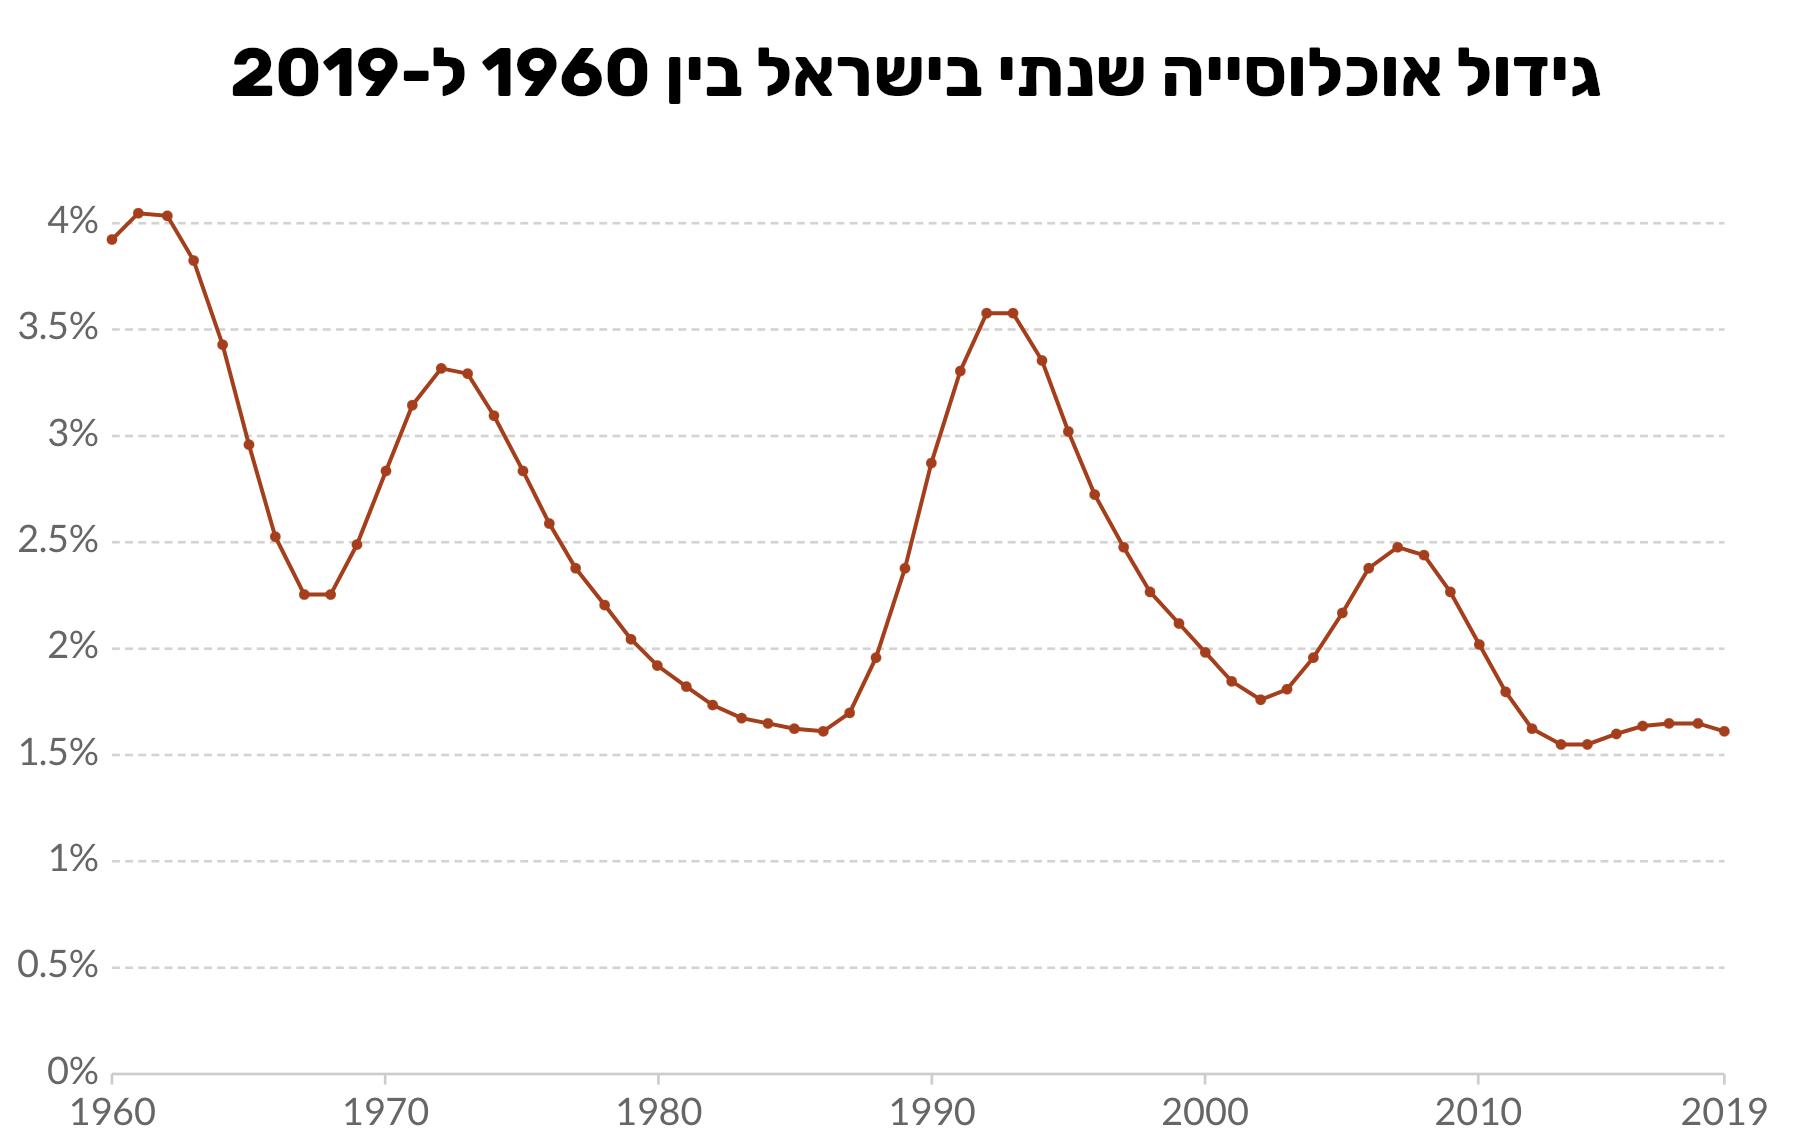 גידול אוכלוסייה שנתי בישראל 1960 עד 2019